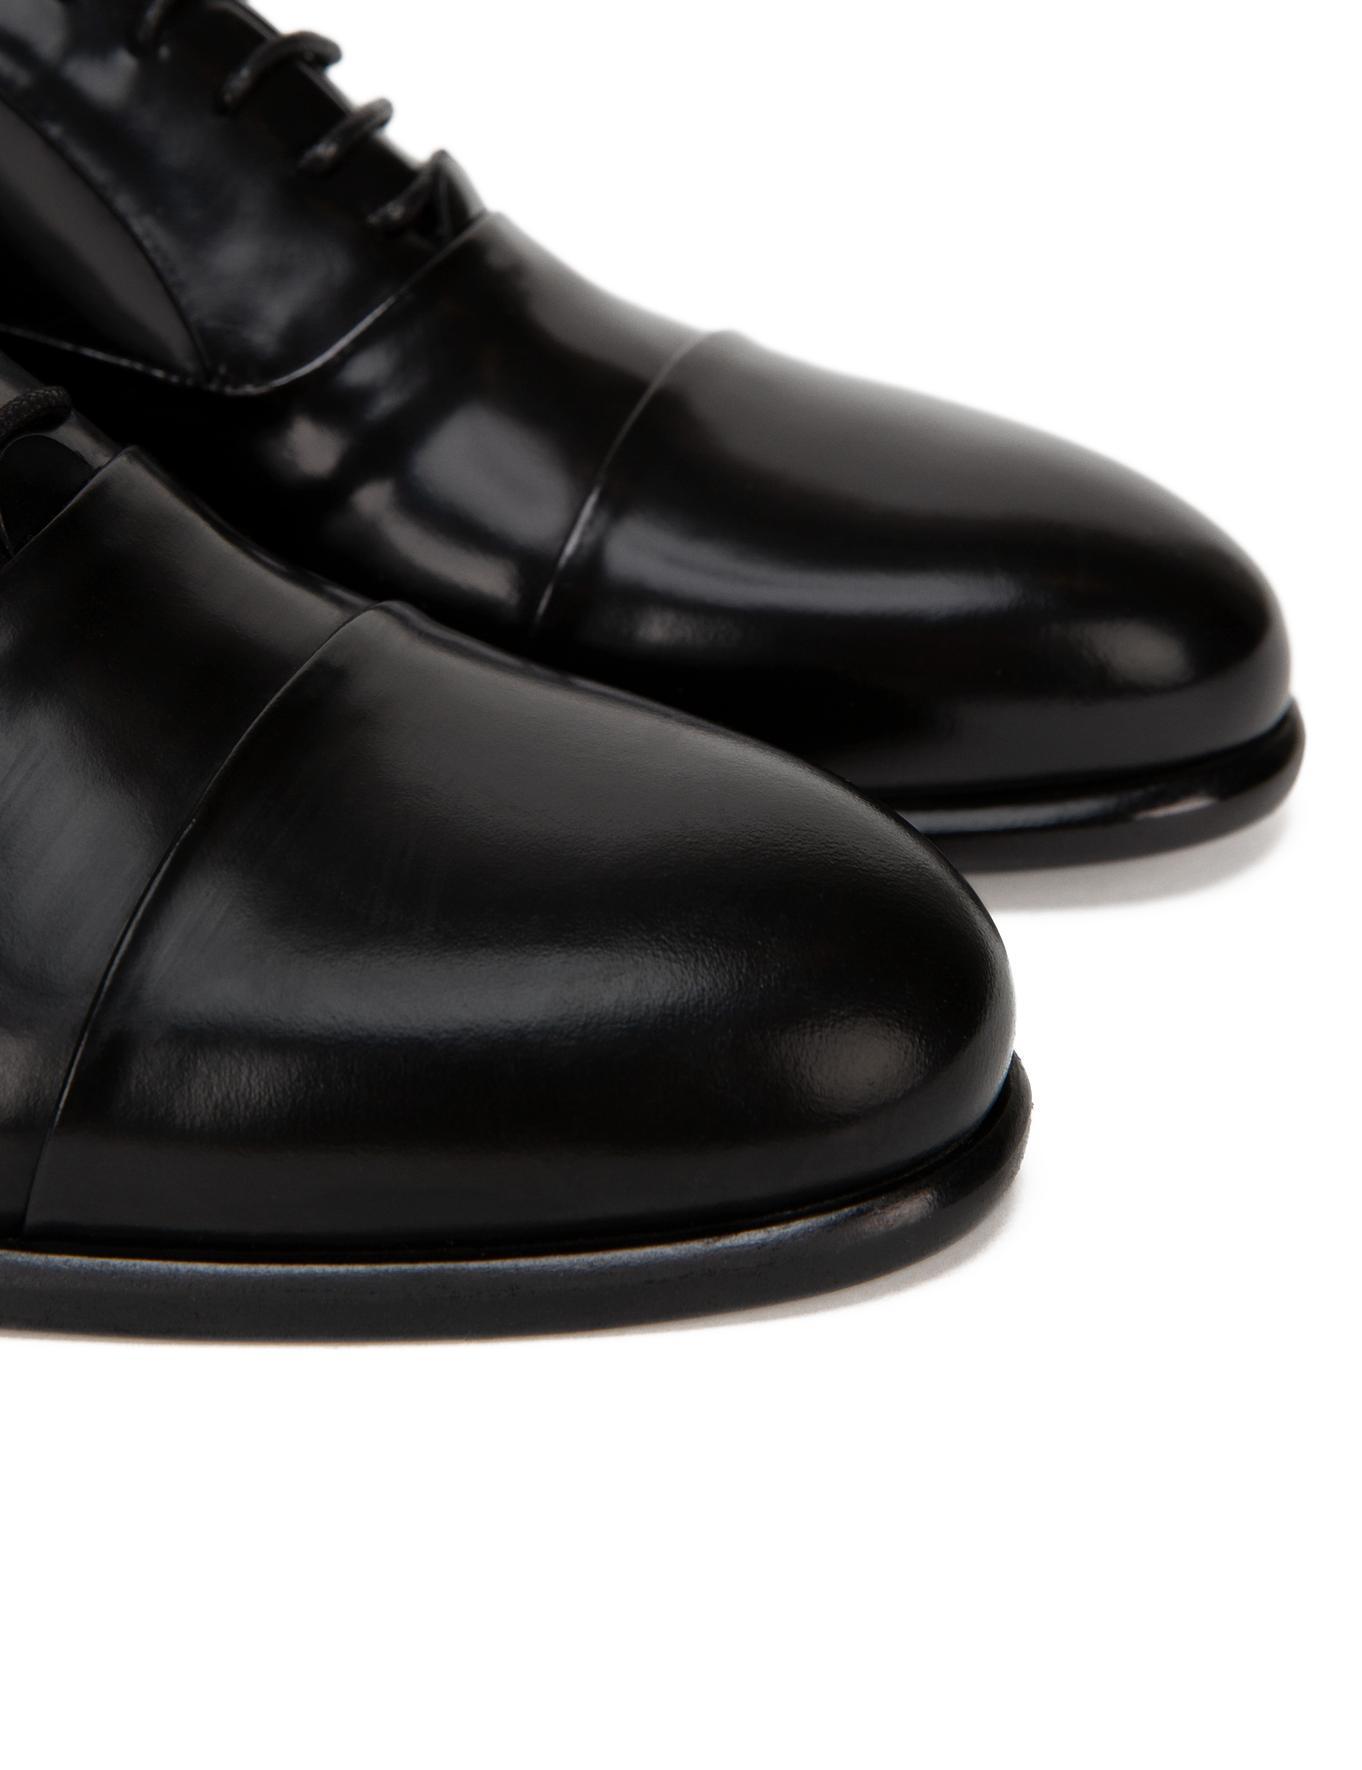 Siyah Ayakkabı - 50223237007